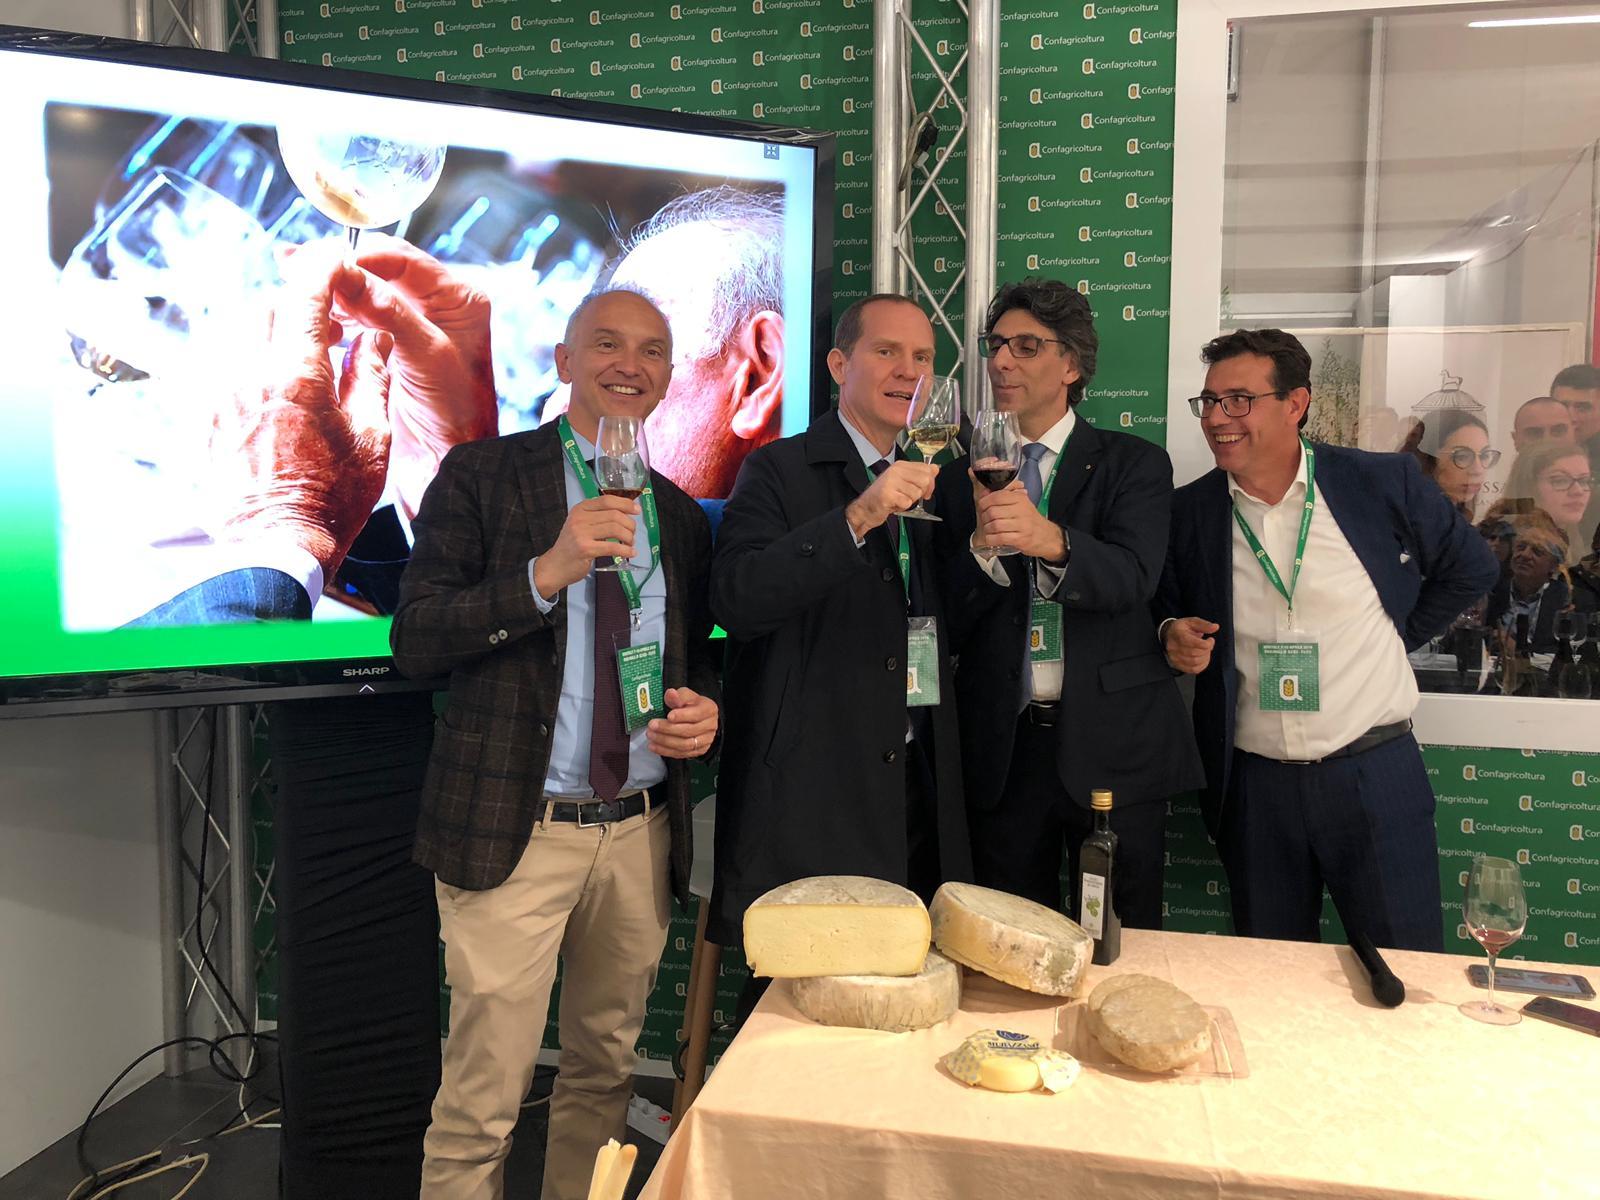 Il presidente Giansanti brinda nello stand di Confagricoltura Piemonte con Enrico Allasia (Pres. Confagricoltura Piemonte), Ercole Zuccaro (Dir. Confagricoltura Torino) e Roberto Abellonio (Dir. Confagricoltura Cuneo)